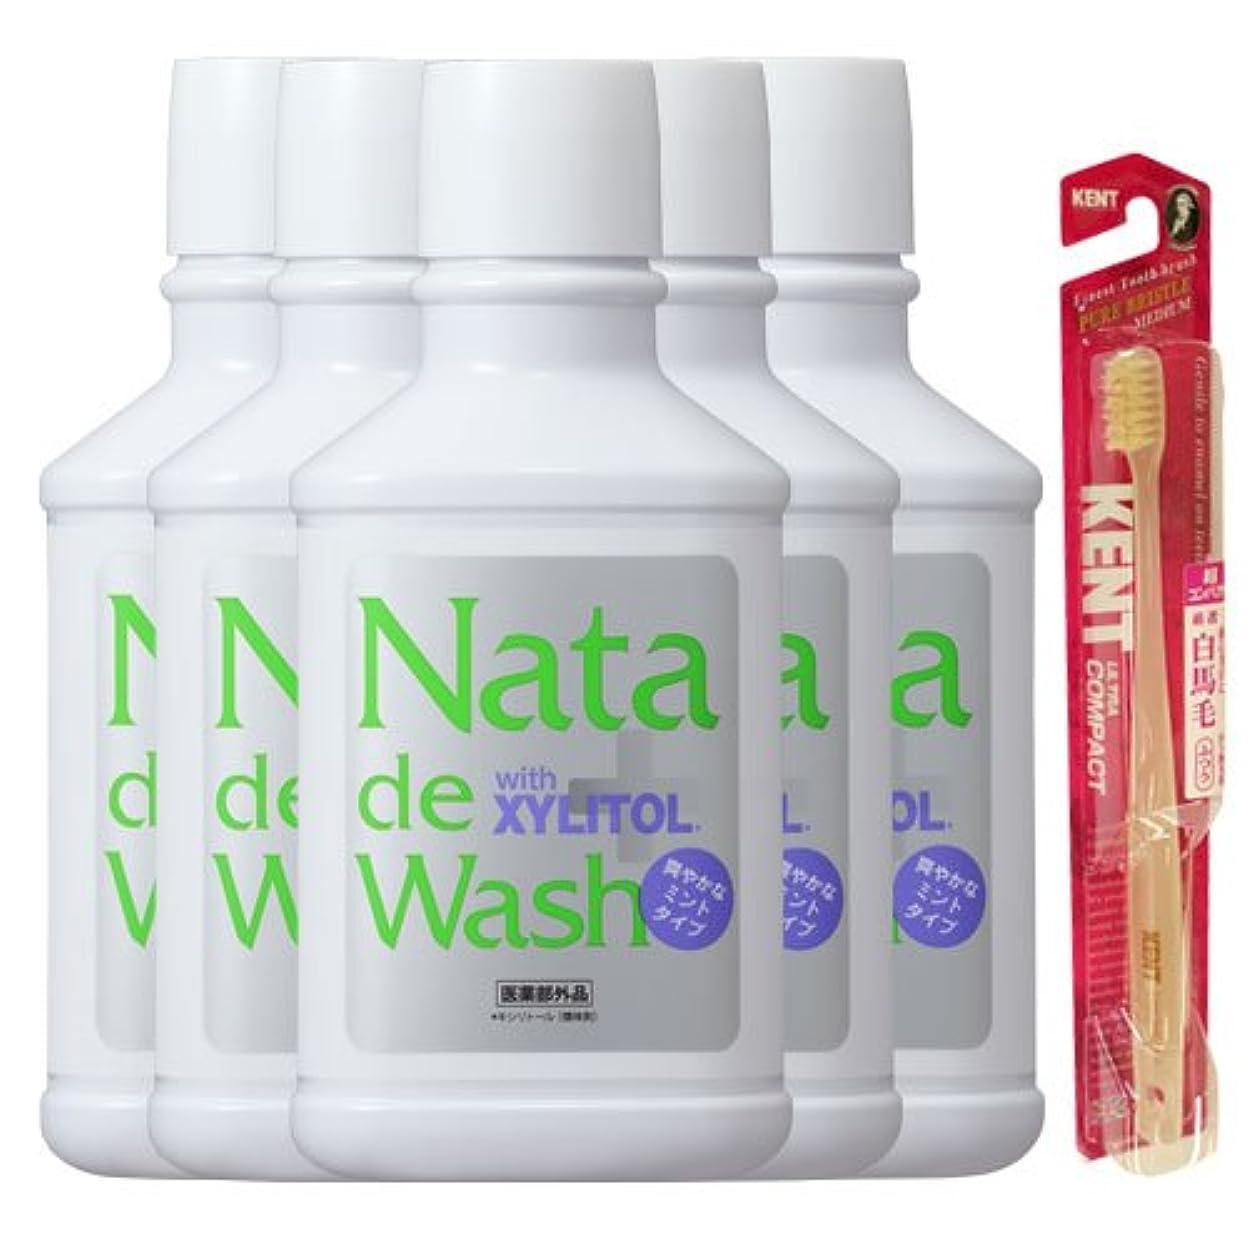 広告主一部虫を数える薬用ナタデウォッシュ 爽やかなミントタイプ 500ml 5本& KENT歯ブラシ1本プレゼント